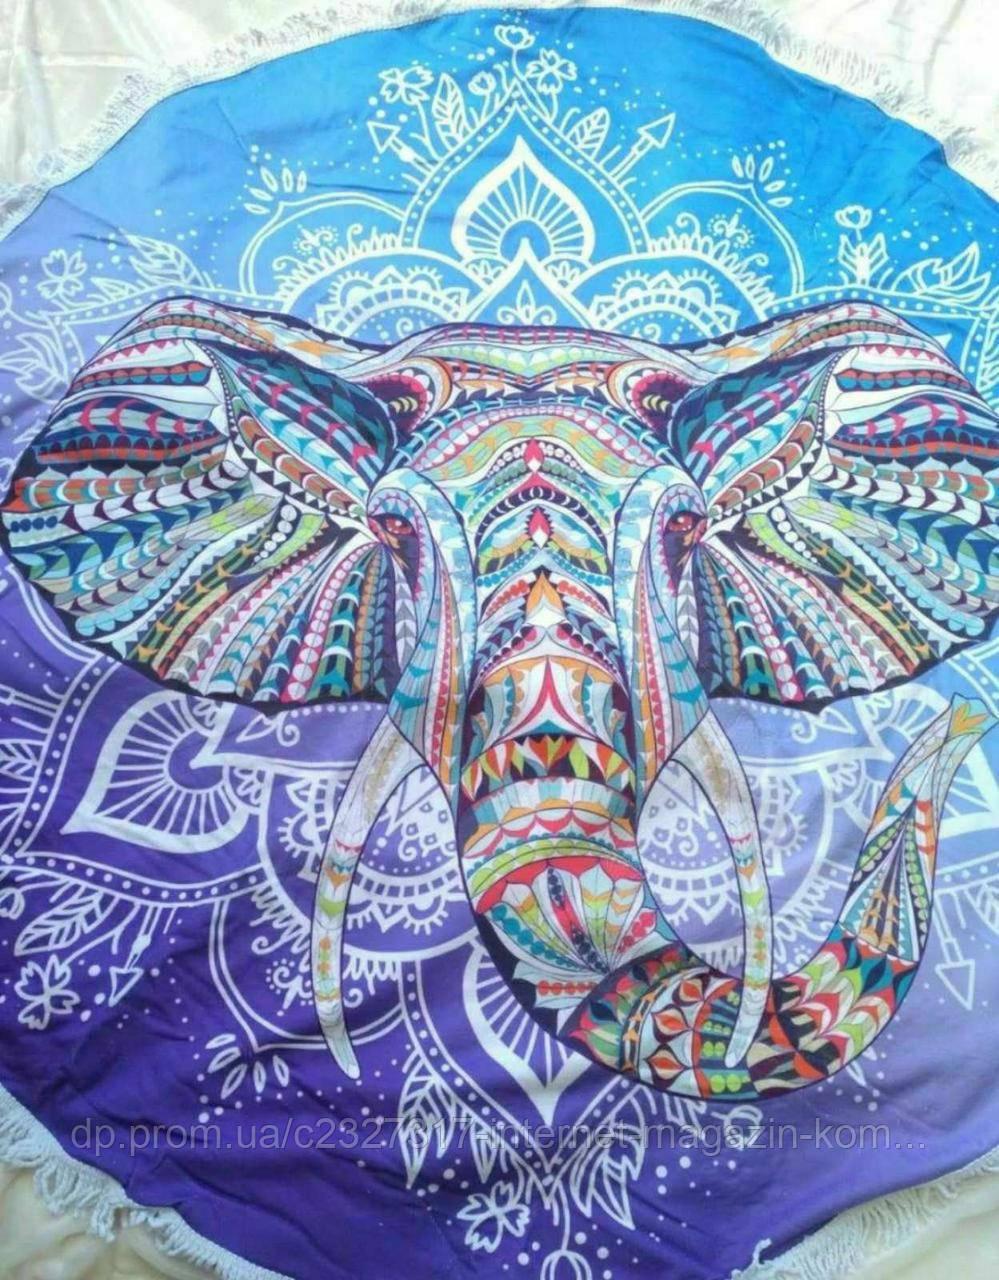 Пляжний килимок-рушник, підстилка кругла 150 см Індійський слон